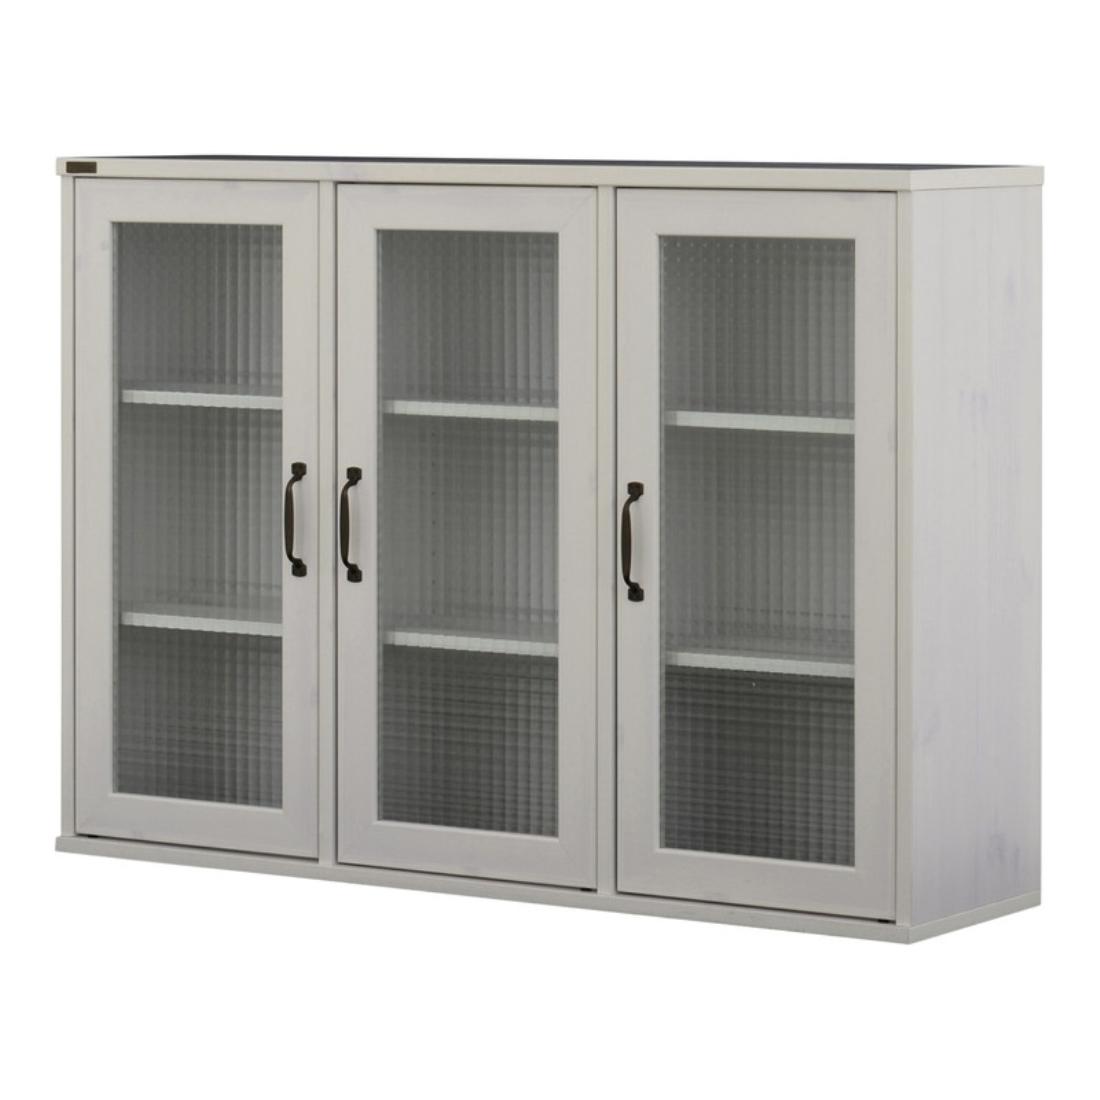 送料無料 オシャレ 家具 飾り 収納 棚 NEFLAS(ネフラス)ガラスキャビネット(120cm幅) オシャレ